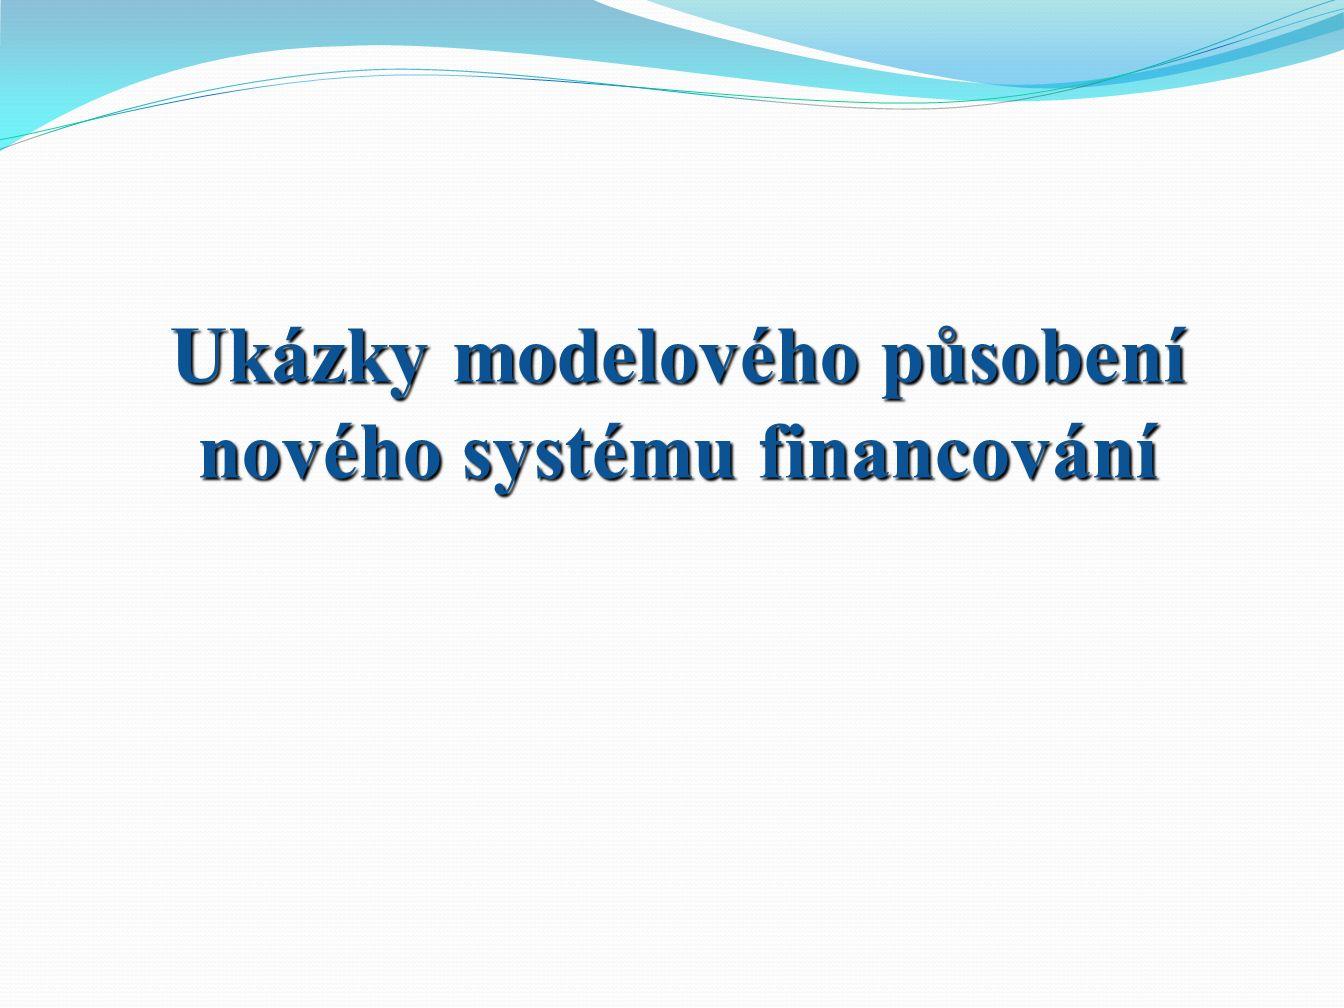 Ukázky modelového působení nového systému financování